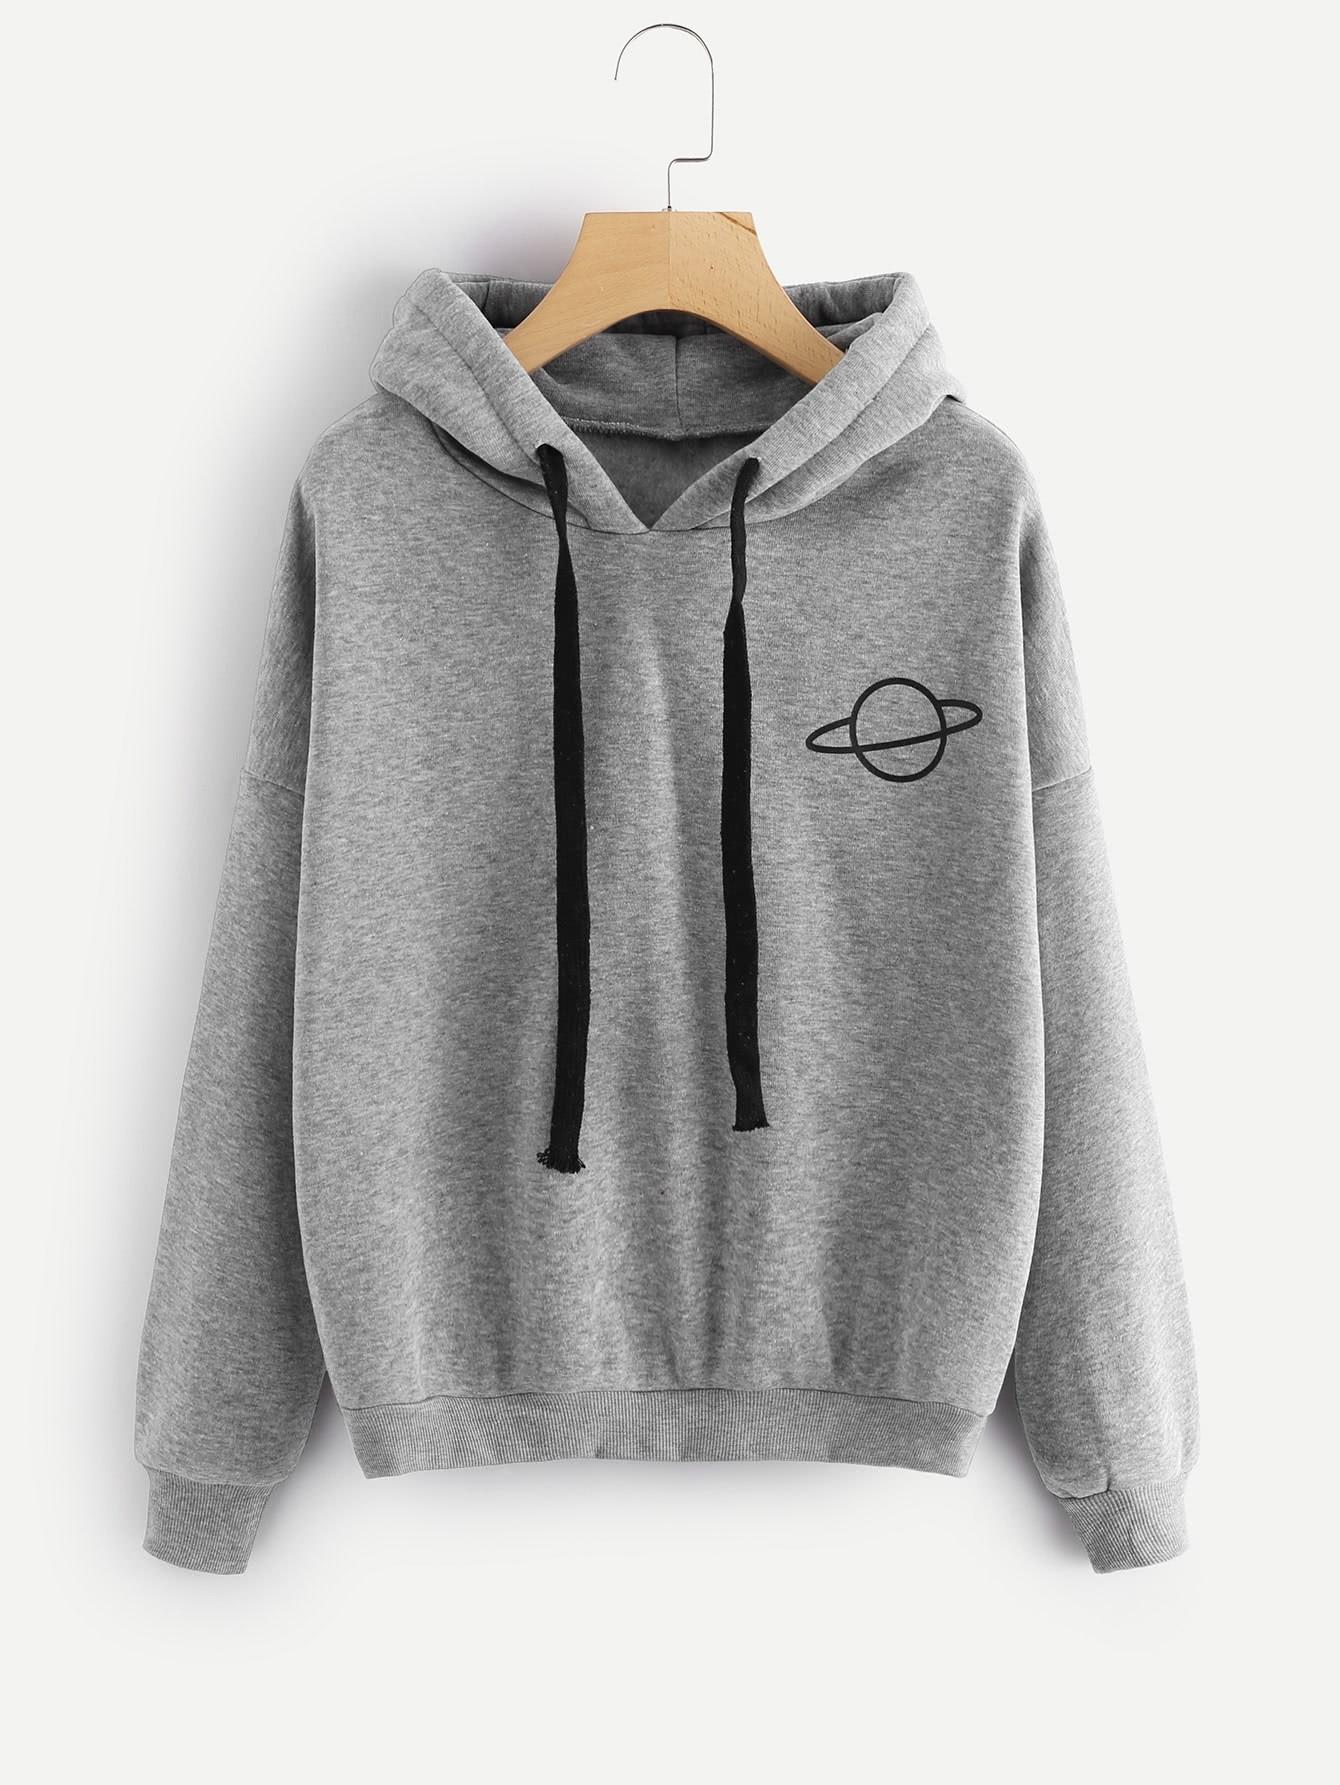 Planet Print Marled Hoodie side slit marled long hoodie